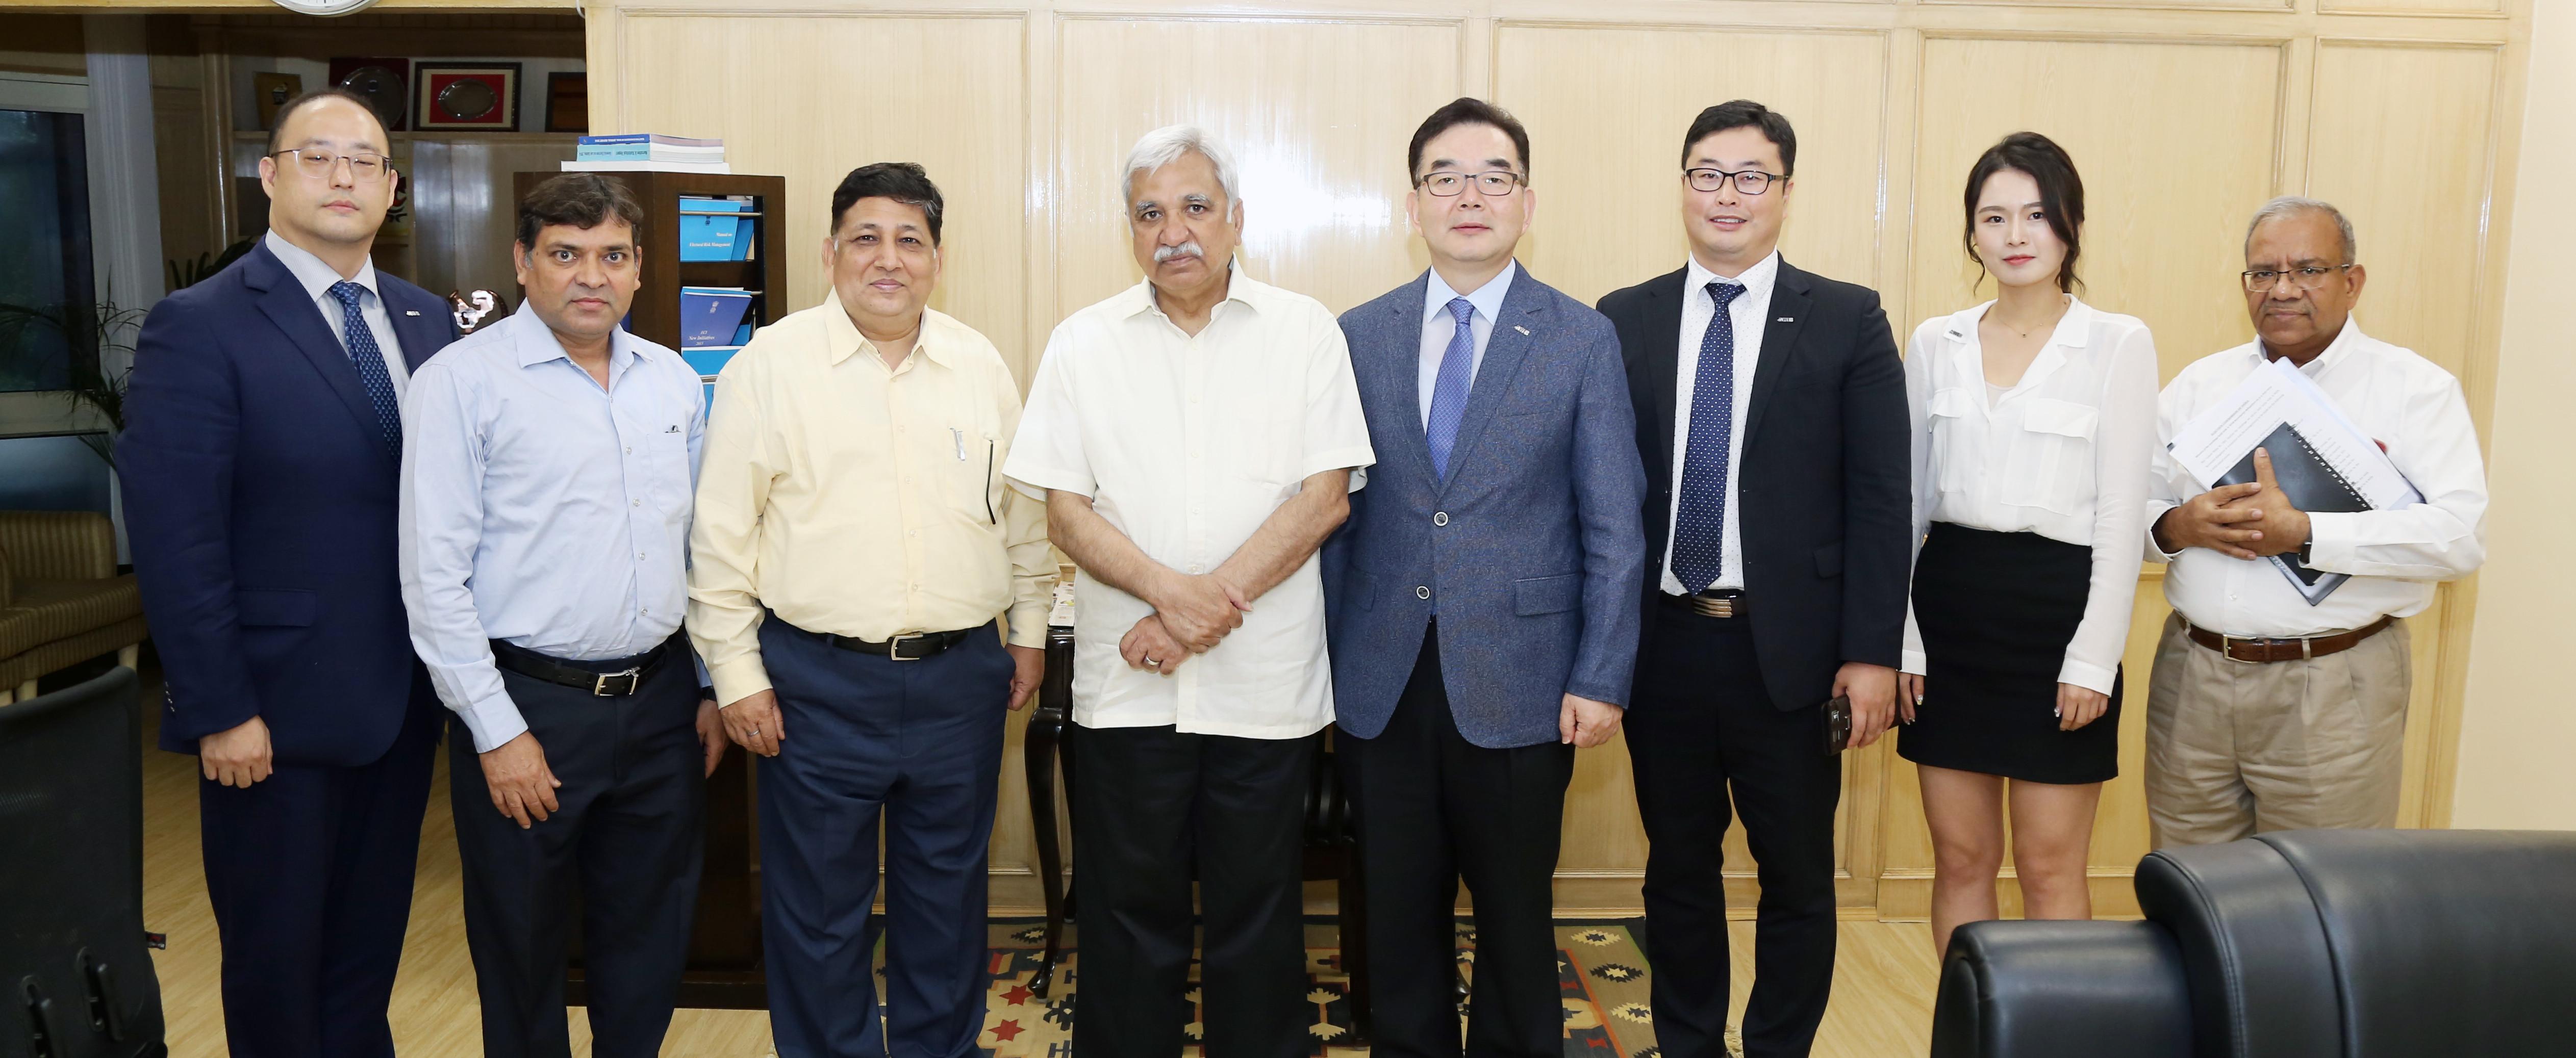 श्री वॉन जून हुई, निदेशक प्लानिंग डिपार्टमेंट के नेतृत्व में ए-डब्ल्यूईबी सचिवालय (विश्व निर्वाचन निकायों का संघ) के चार सदस्यीय प्रतिनिधिमंडल ने 4 जुलाई, 2019 को नई दिल्ली में भारत के मुख्य निर्वाचन आयुक्त, श्री सुनील अरोड़ा से मुलाकात की।